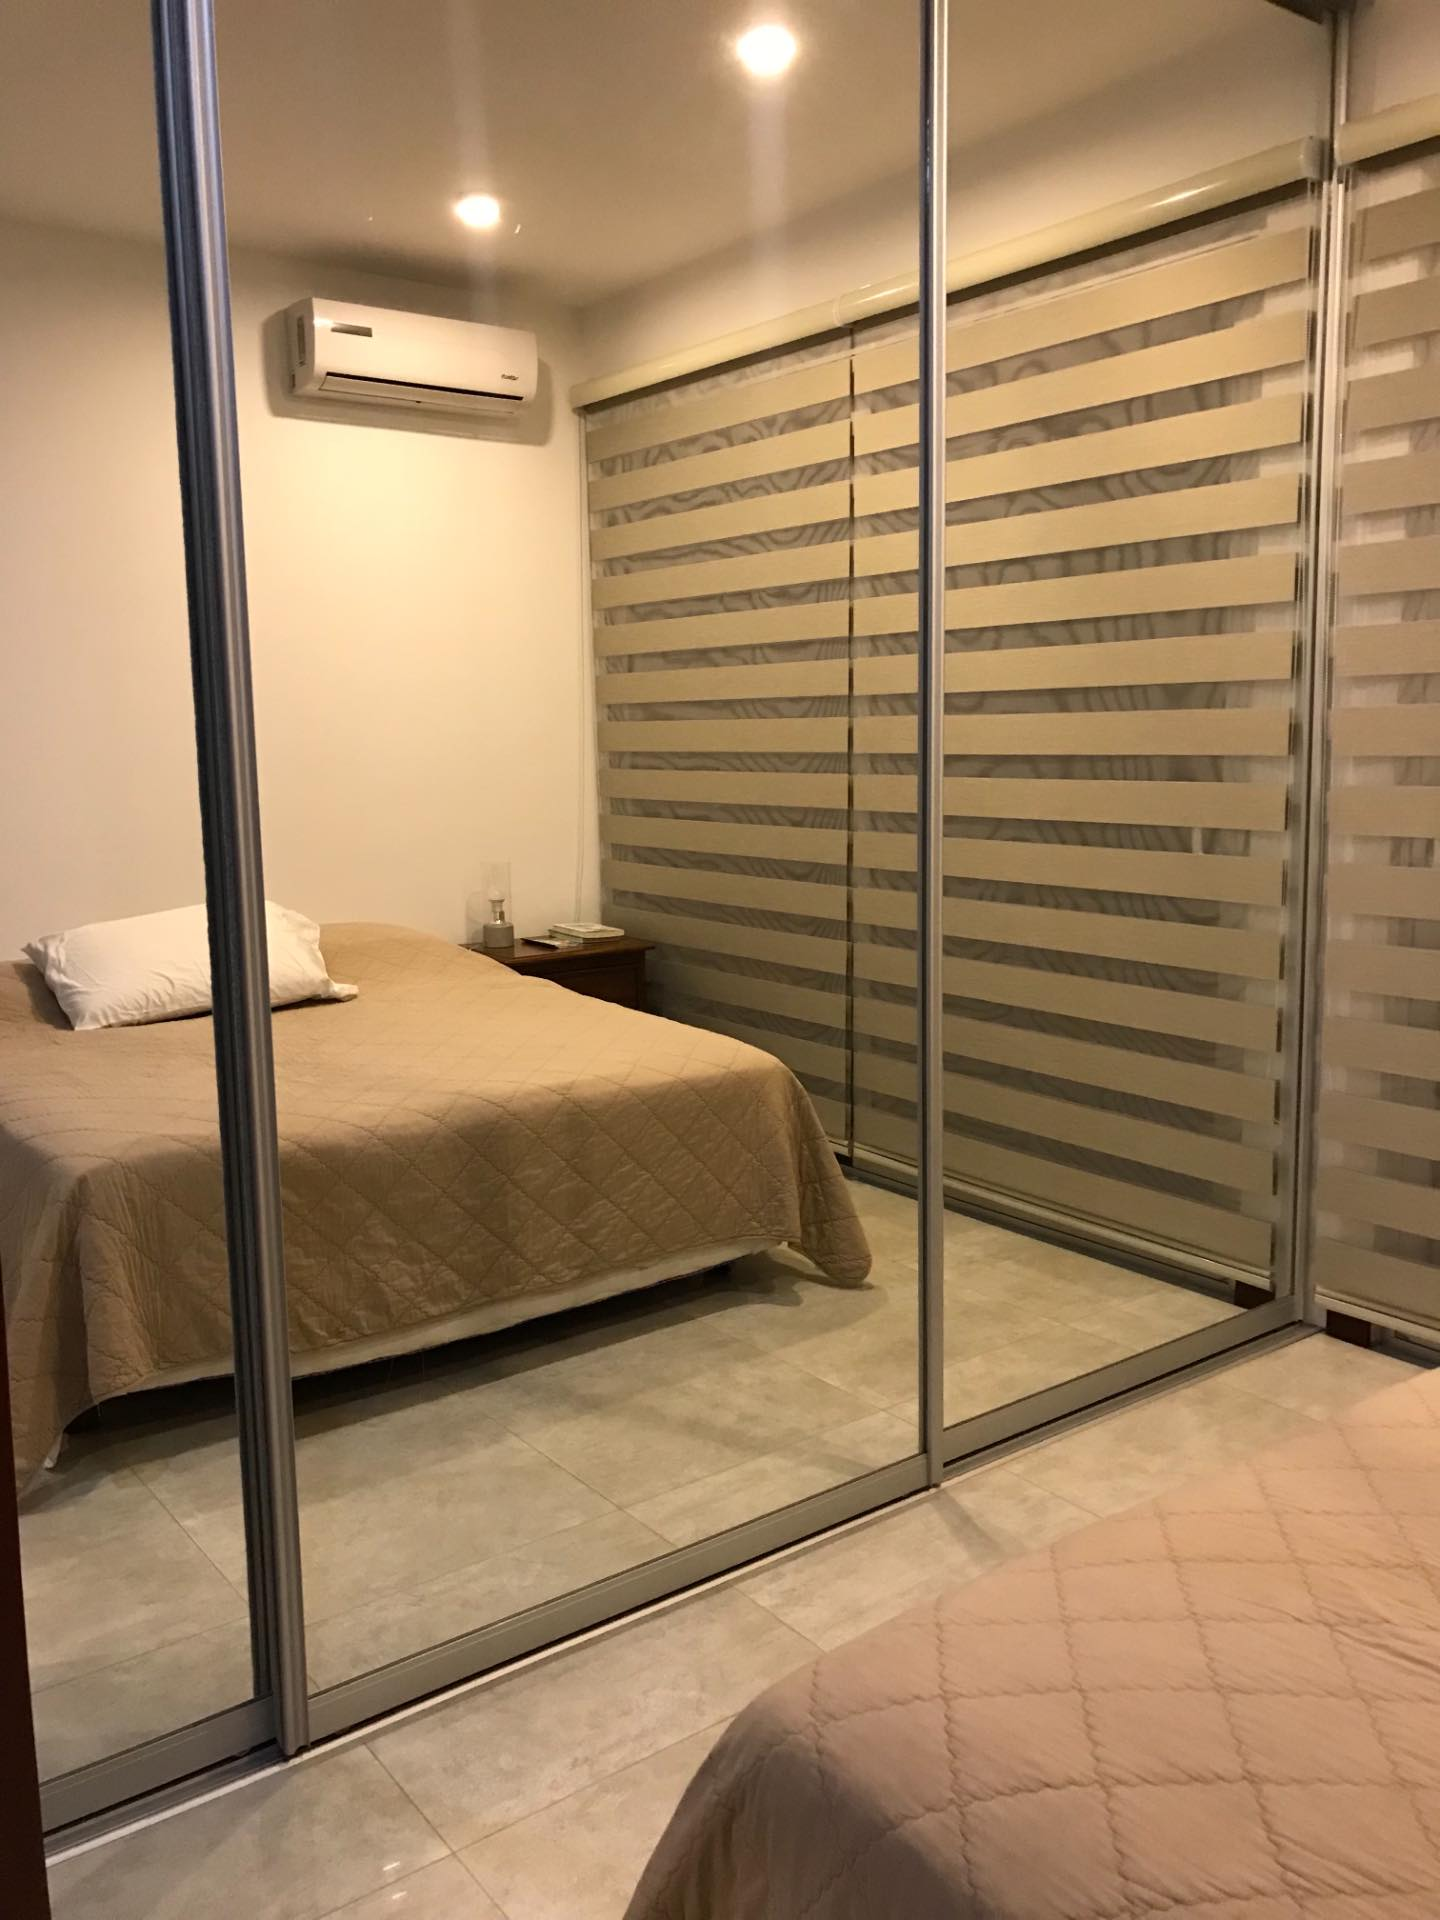 Departamento en Alquiler En exclusivo condominio zona Barrio Las Palmas  Foto 8